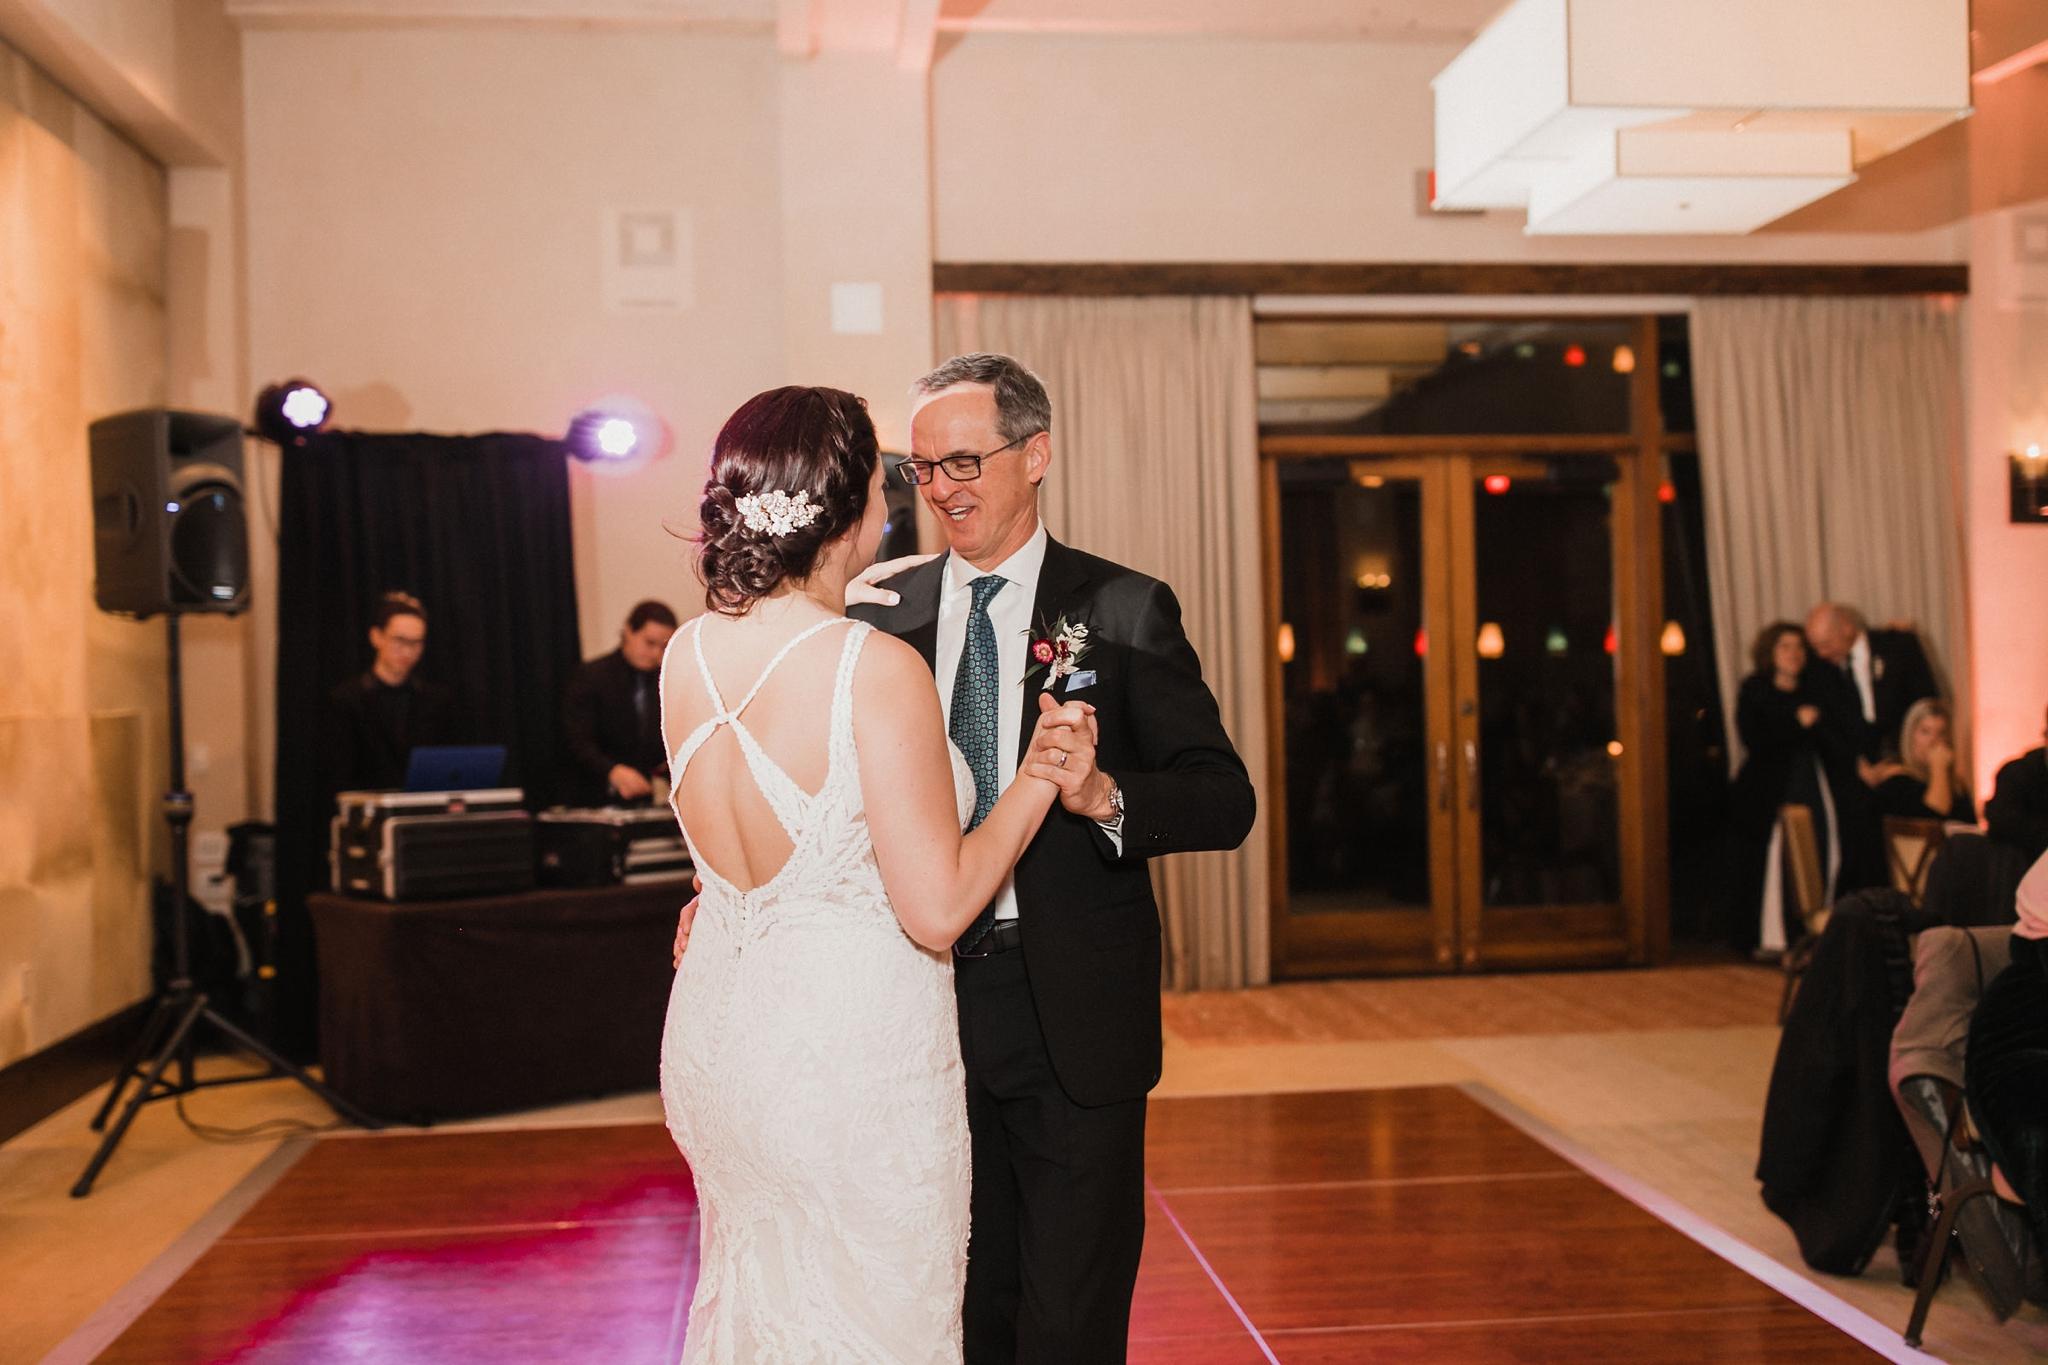 Alicia+lucia+photography+-+albuquerque+wedding+photographer+-+santa+fe+wedding+photography+-+new+mexico+wedding+photographer+-+new+mexico+wedding+-+santa+fe+wedding+-+four+seasons+wedding+-+winter+wedding_0142.jpg